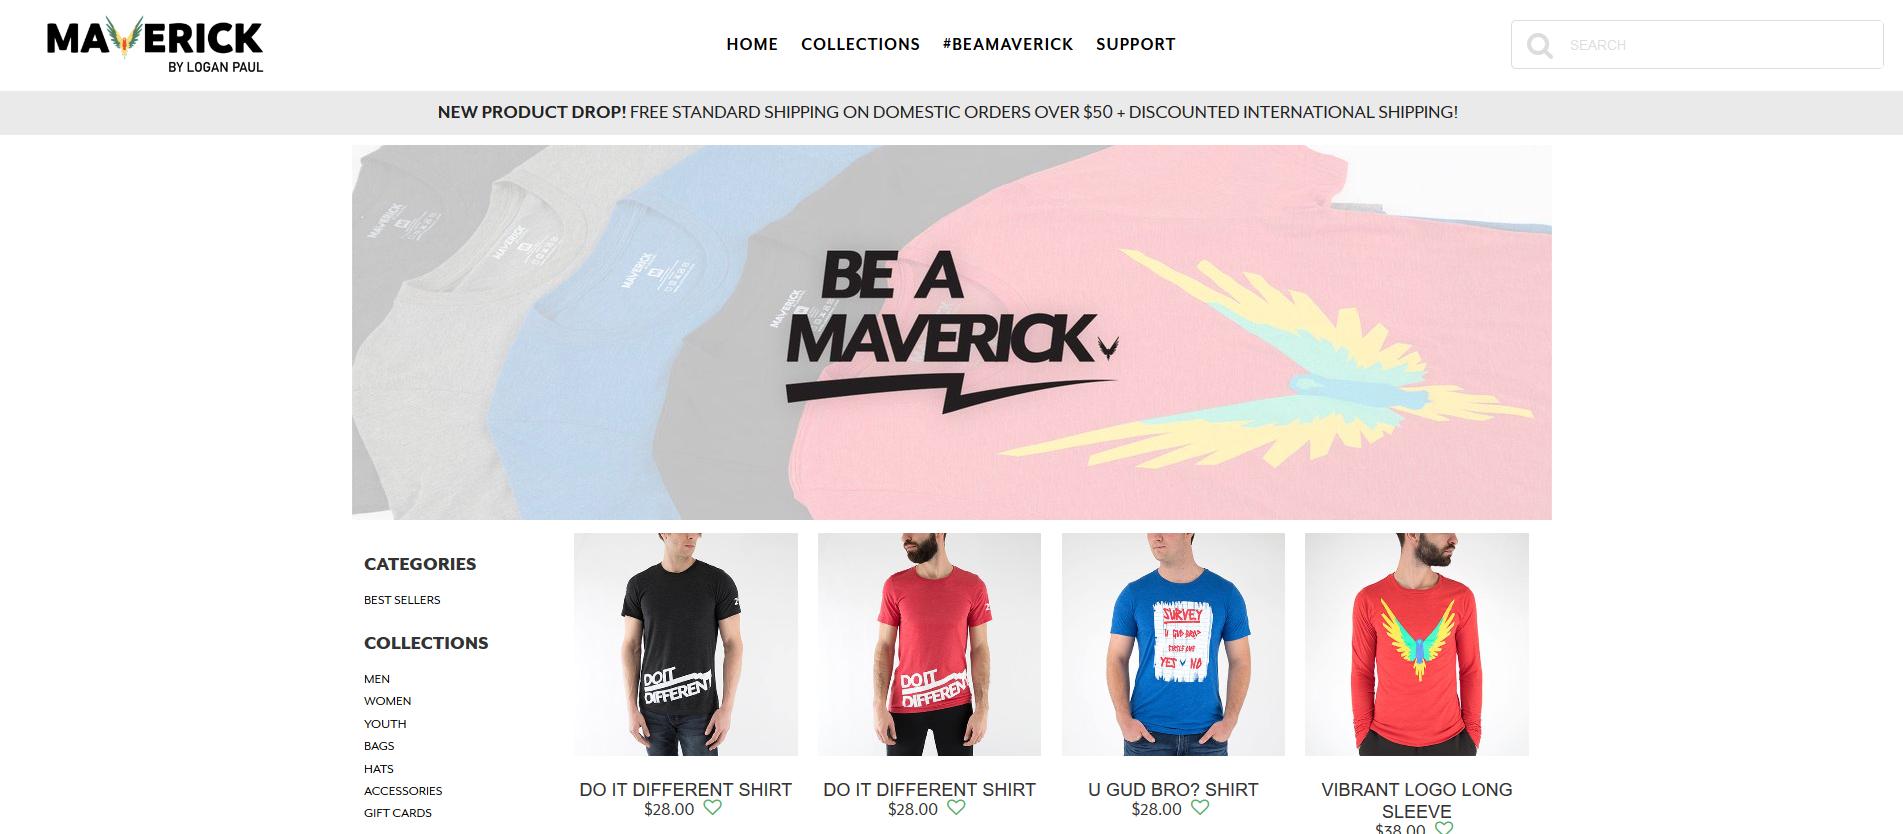 Logan paul brand Maverick website